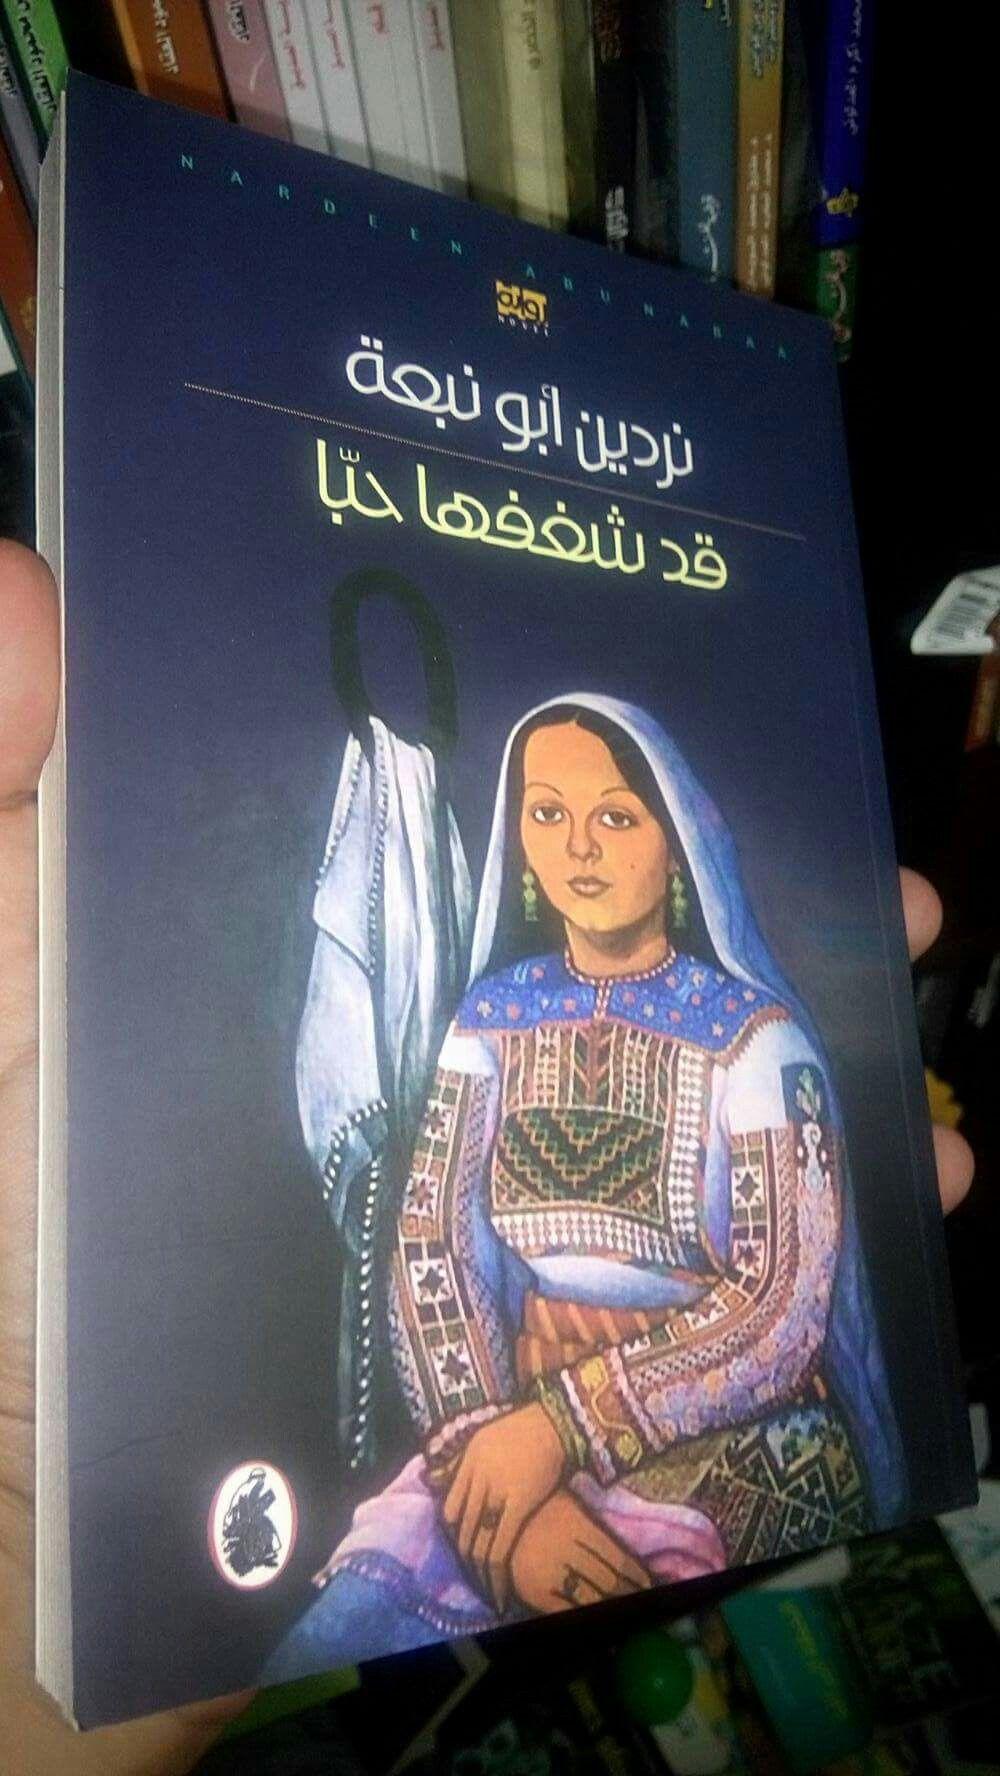 نردين ابو نبعة قد شغفها حبا Love Reading Book Cover Books